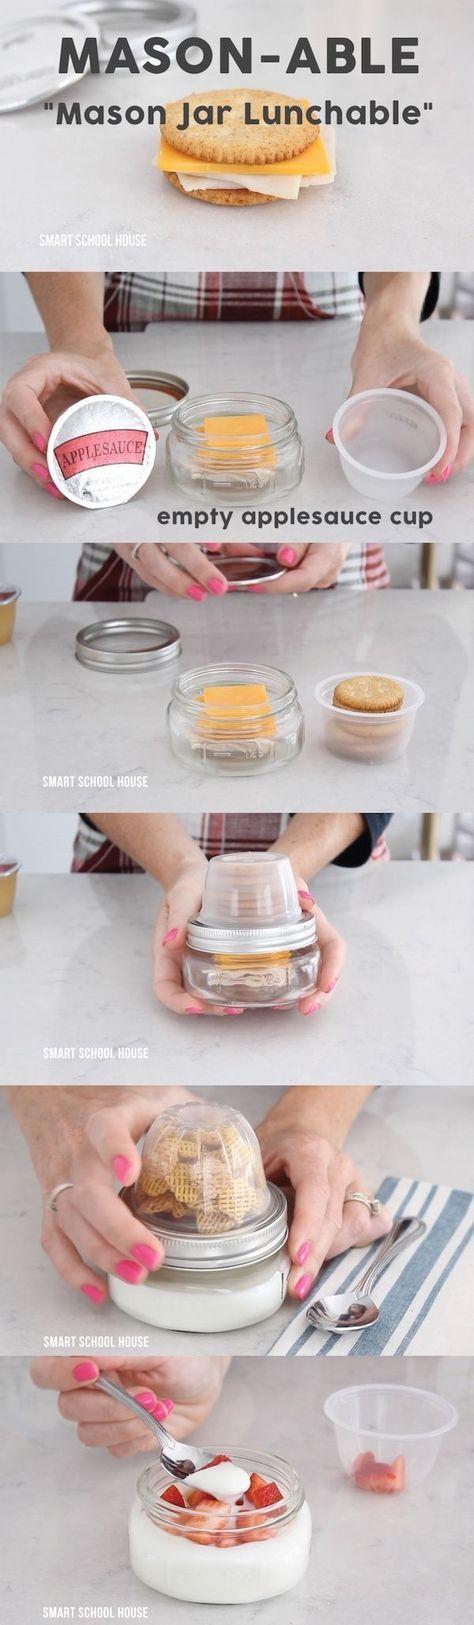 """DIY Mason Jar Lunchable (""""Mason-able""""). How to make Mason Jar Lunchable with an apple sauce cup and a mason jar! by cassandra"""